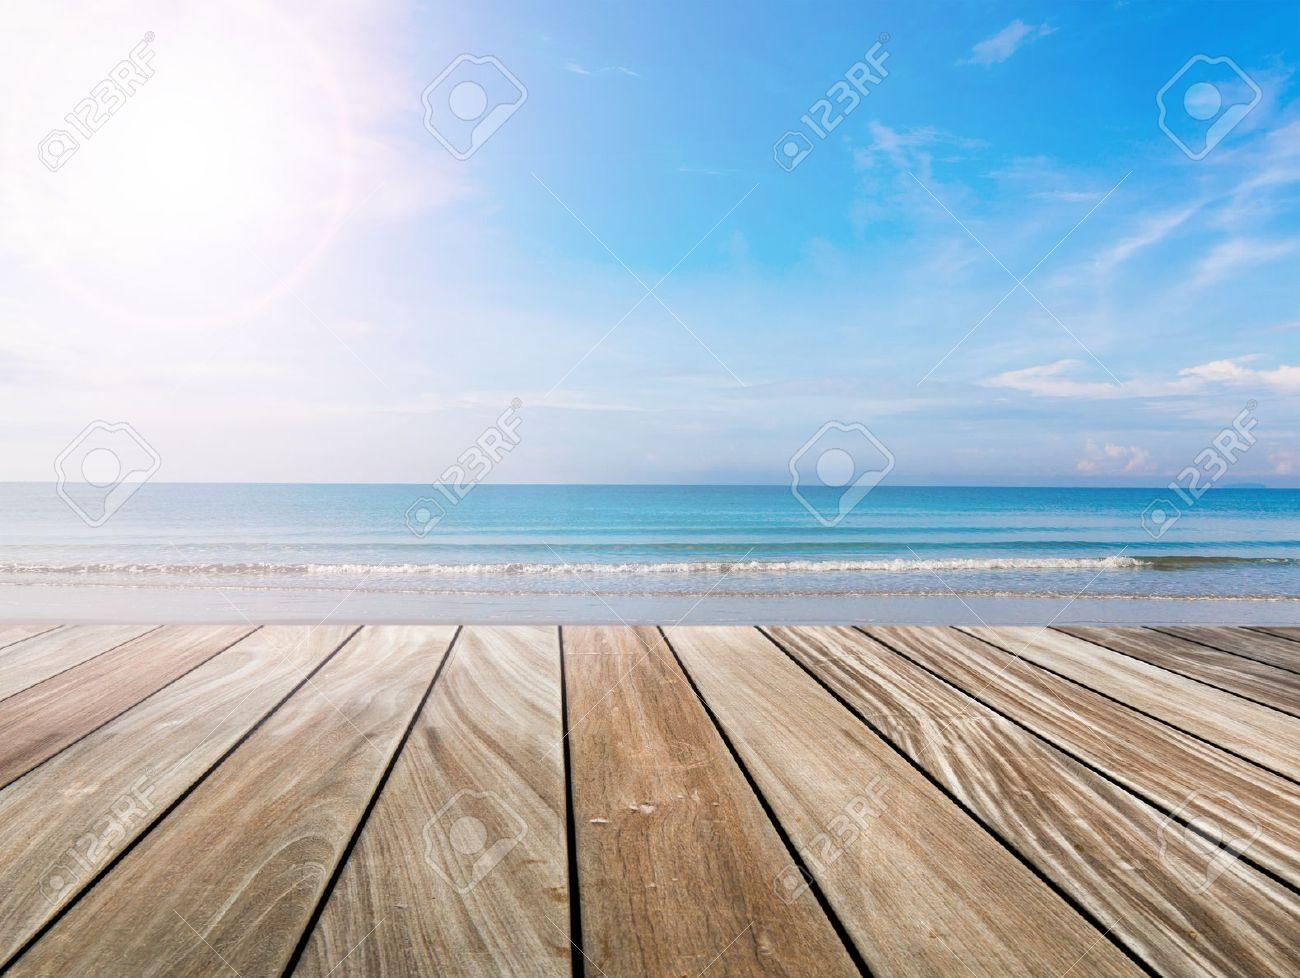 terraza de madera en la playa y la luz del sol foto de archivo